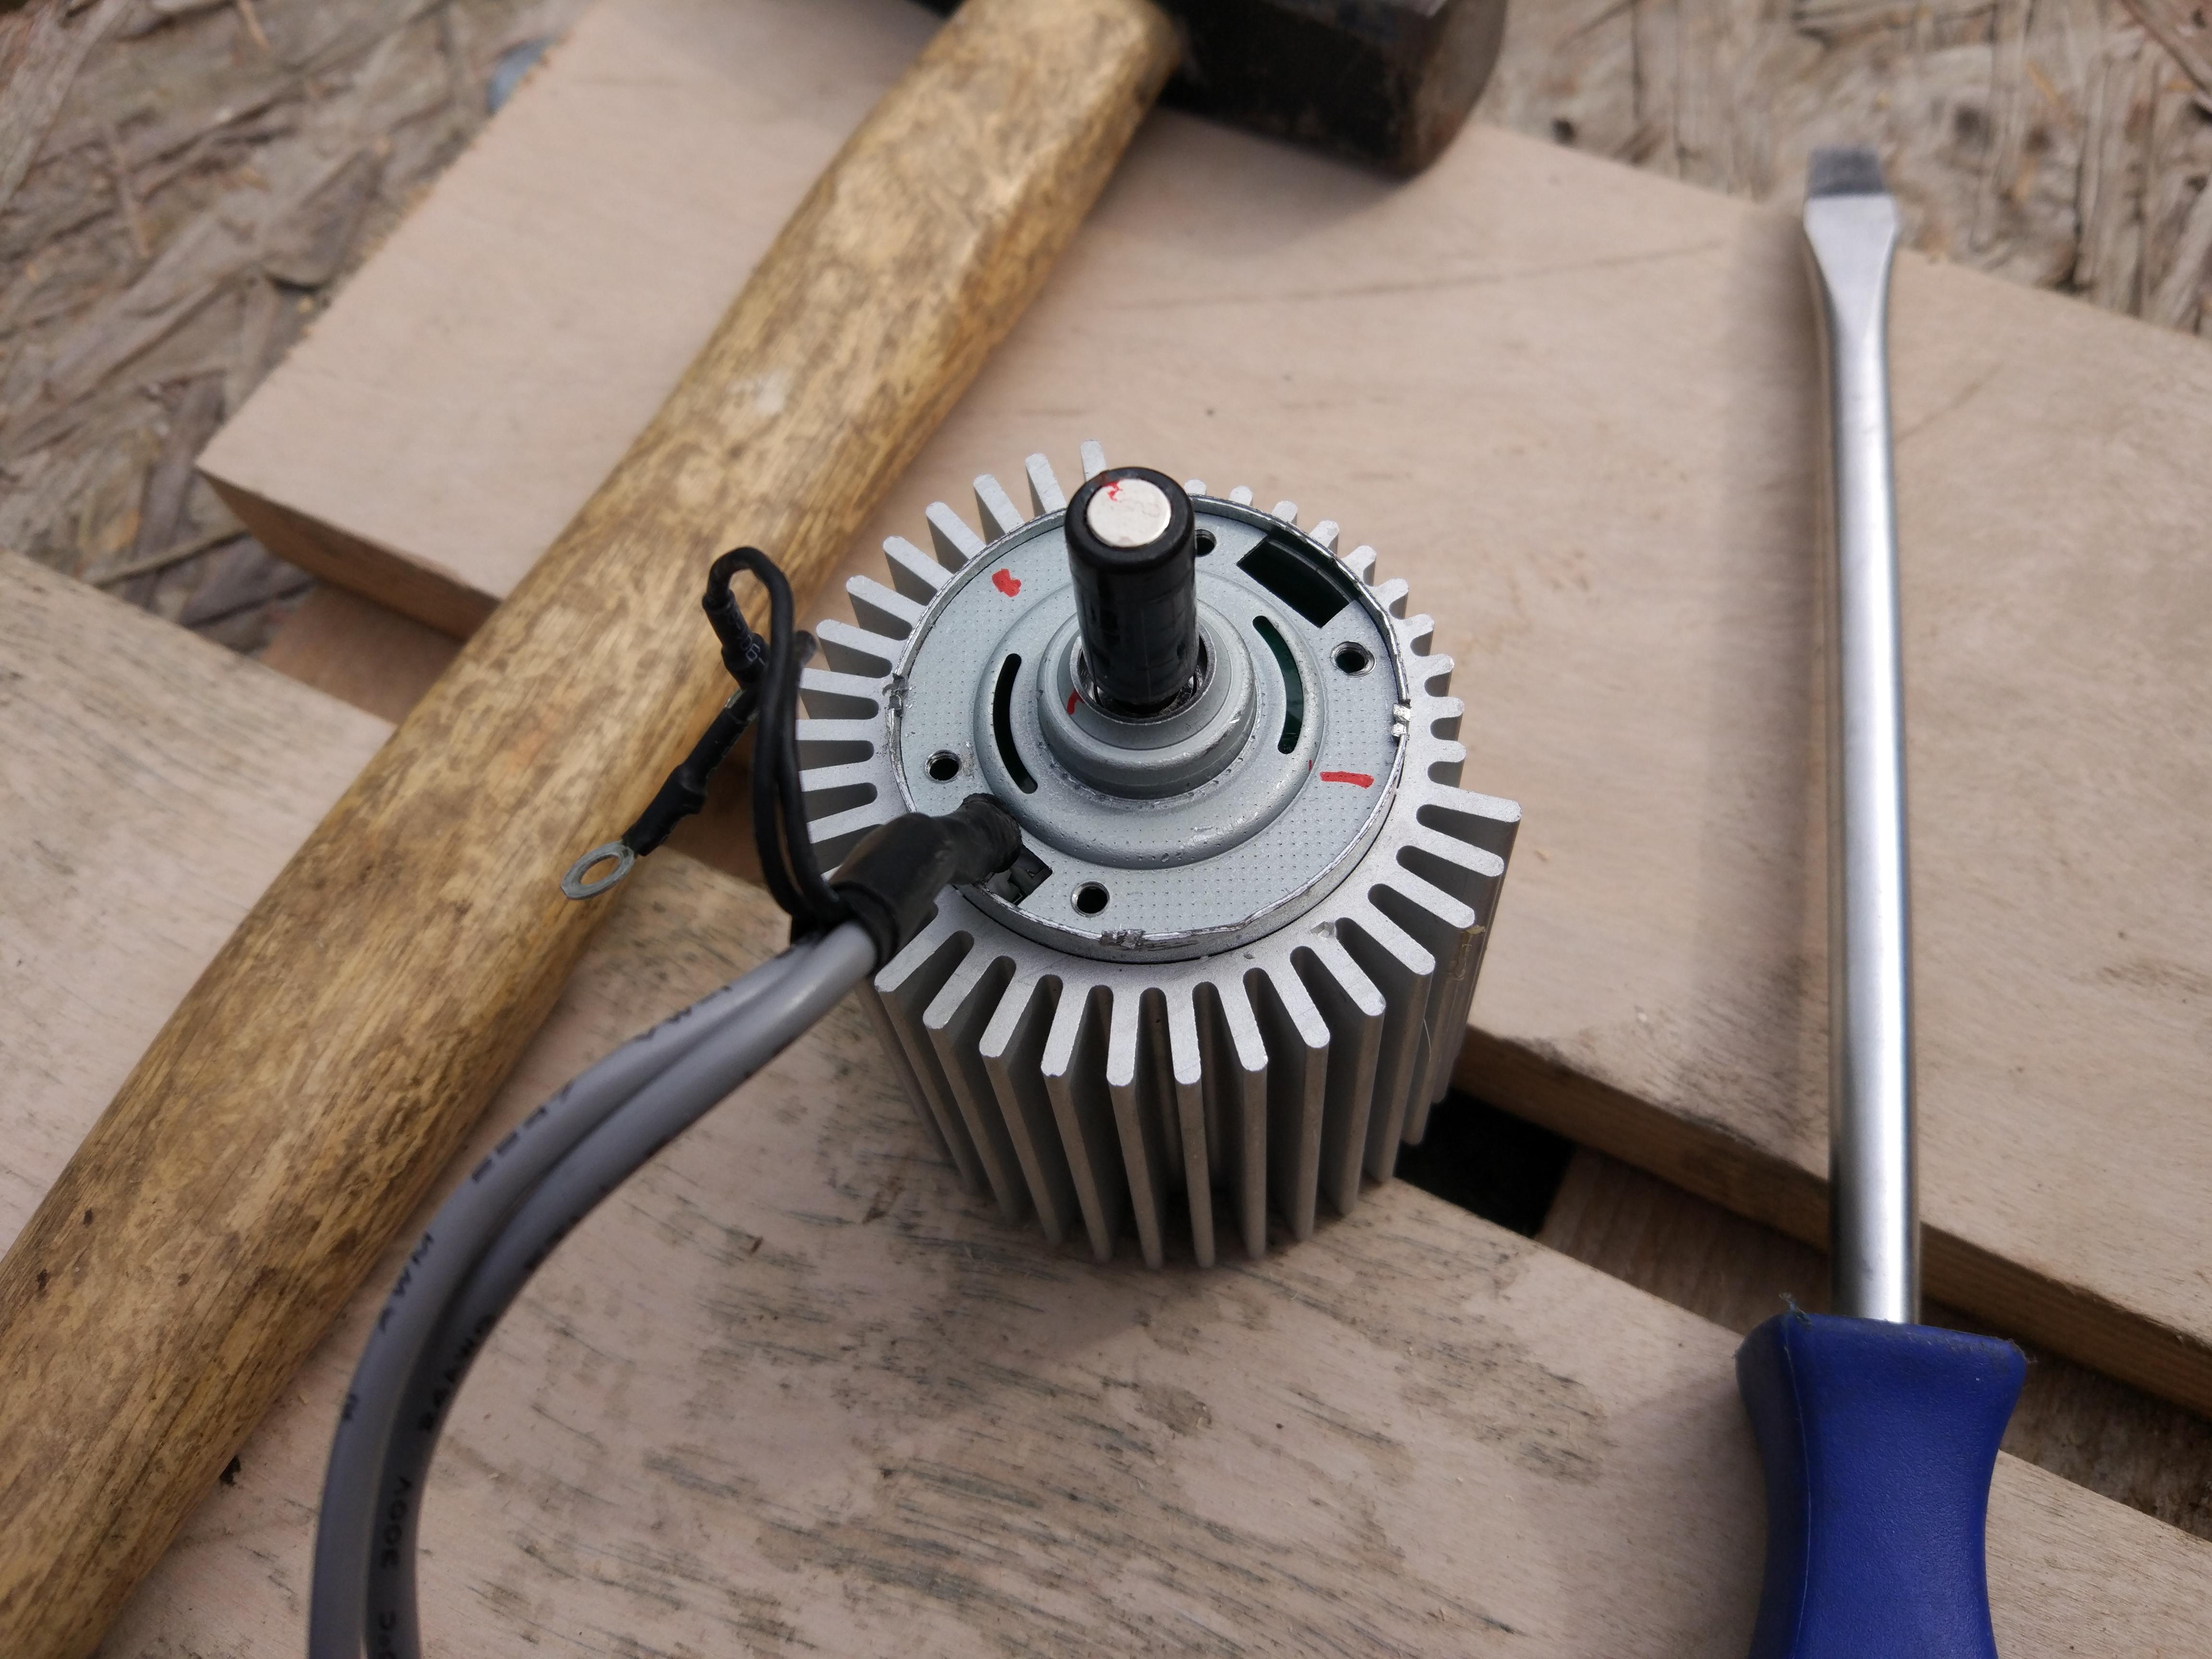 Thrustmaster TX motor spec/ upgrade? - Thrustmaster